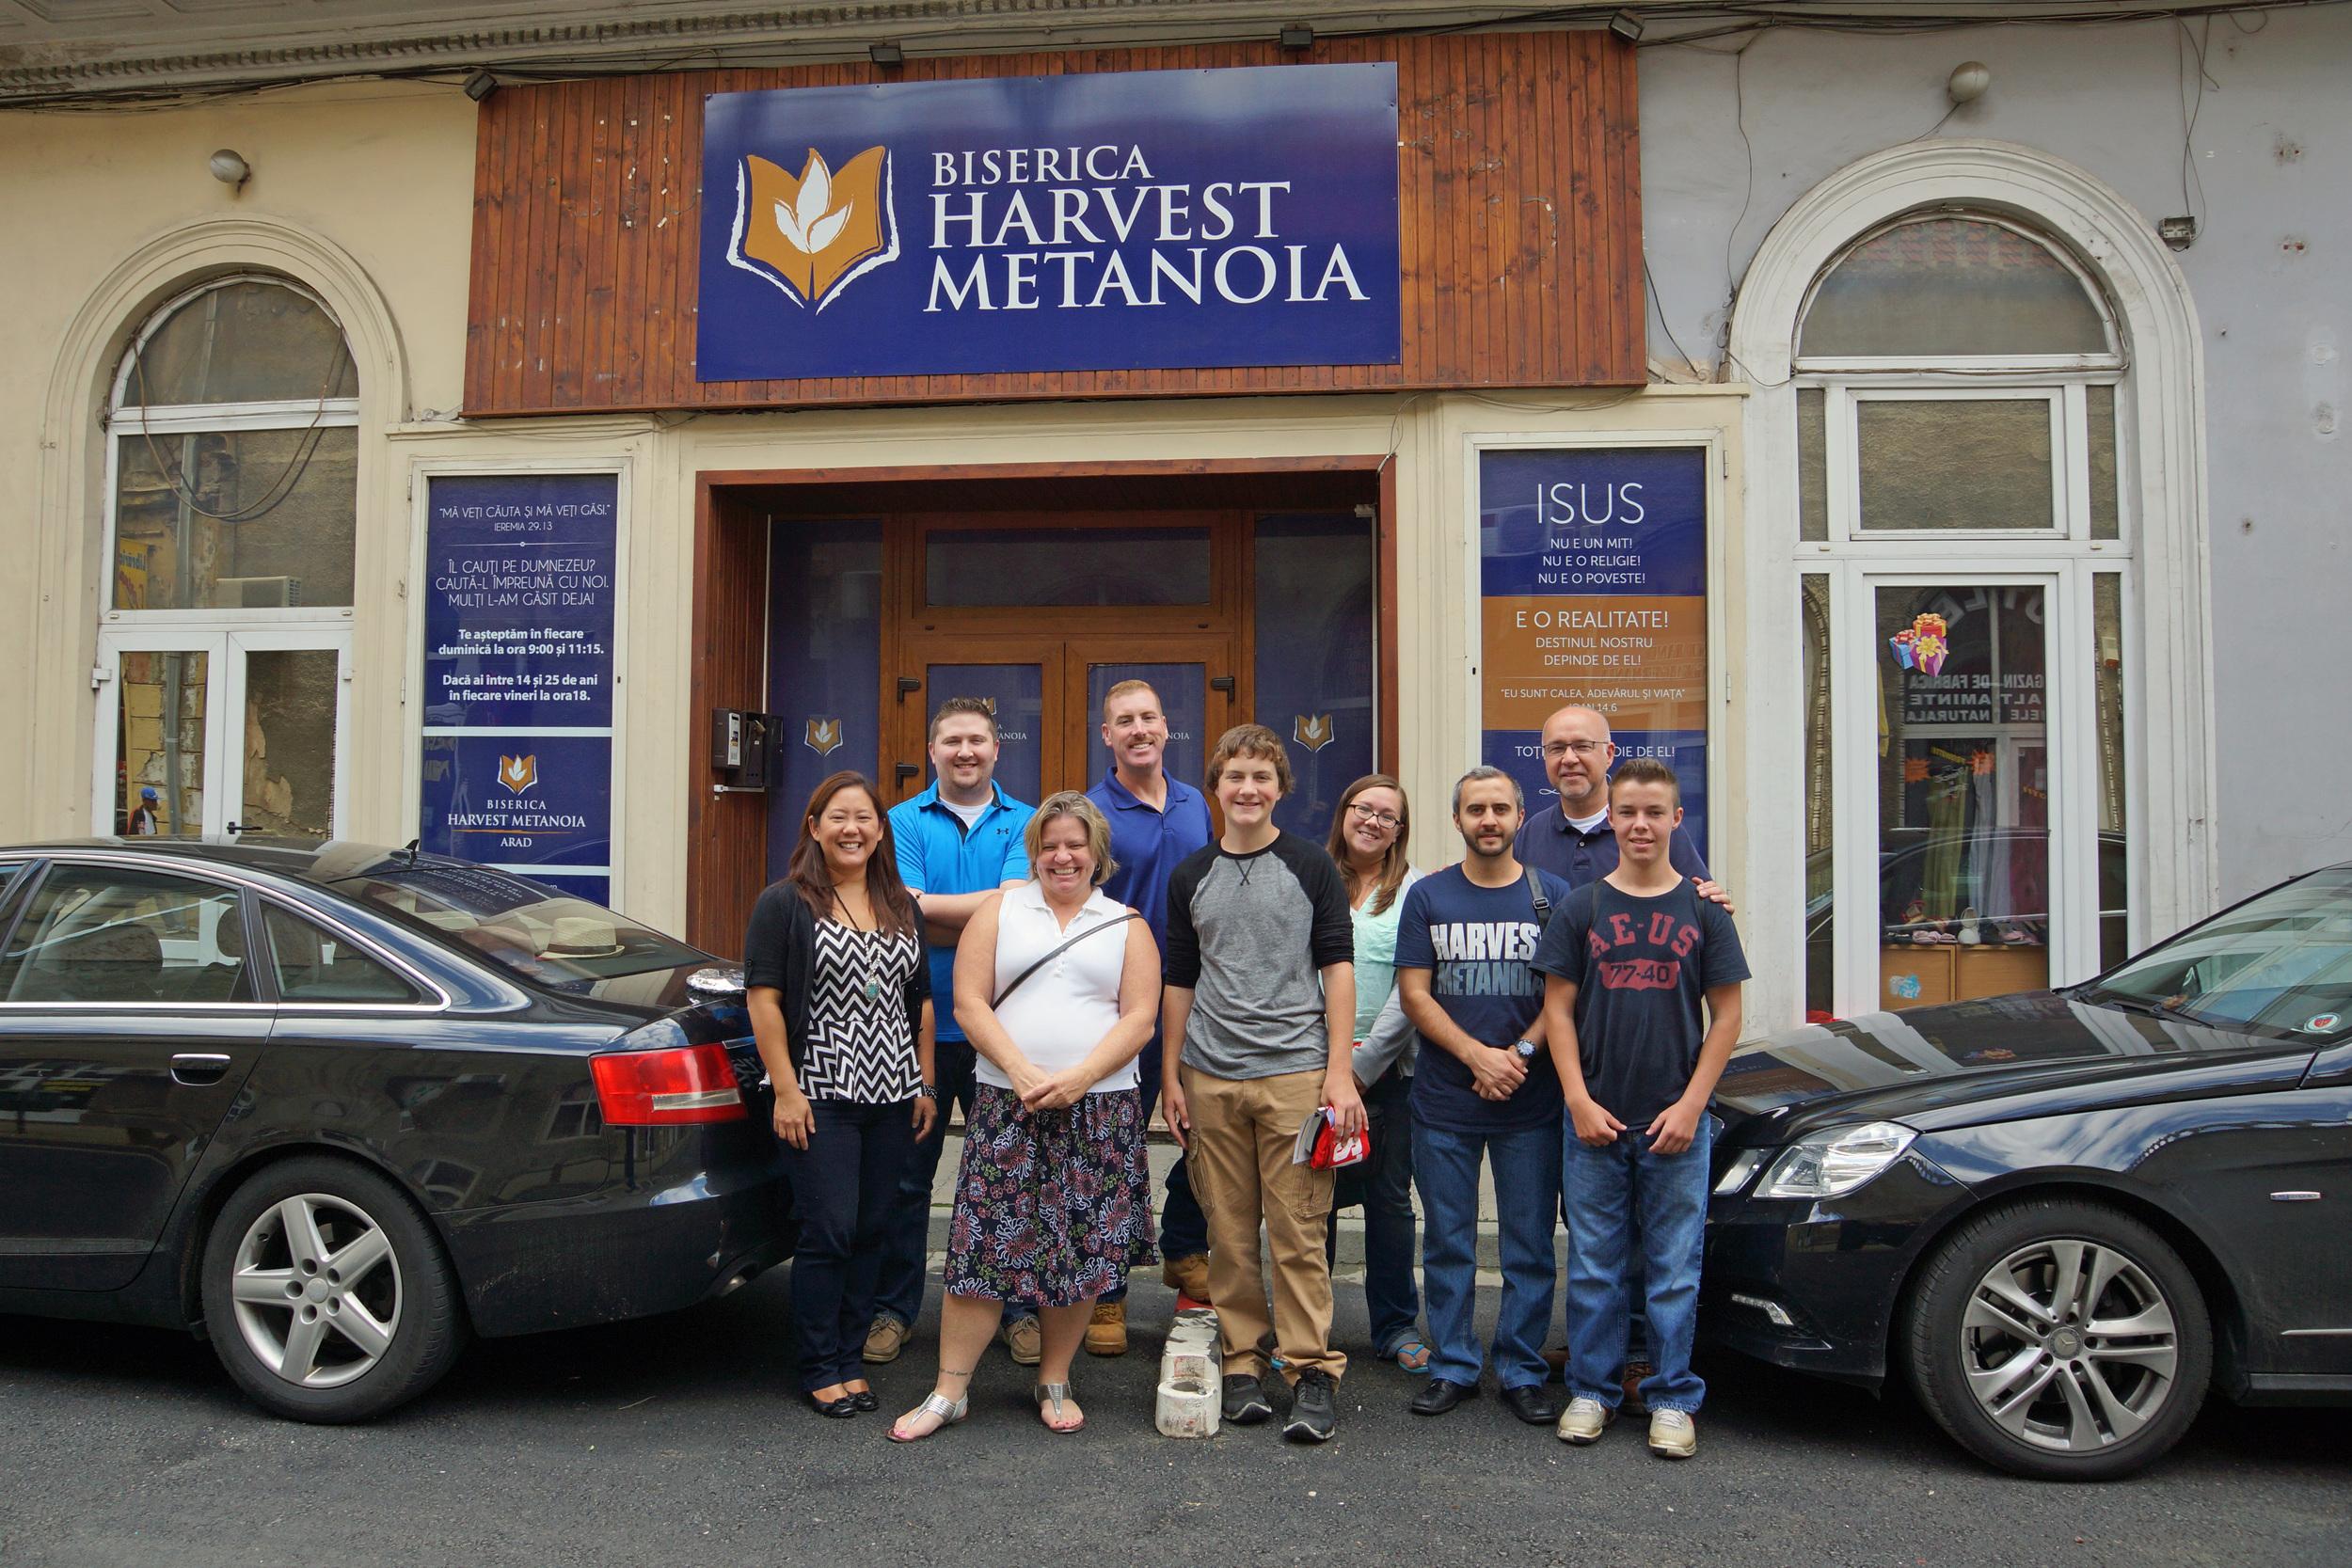 Arrival in Romania - Harvest Metanoia